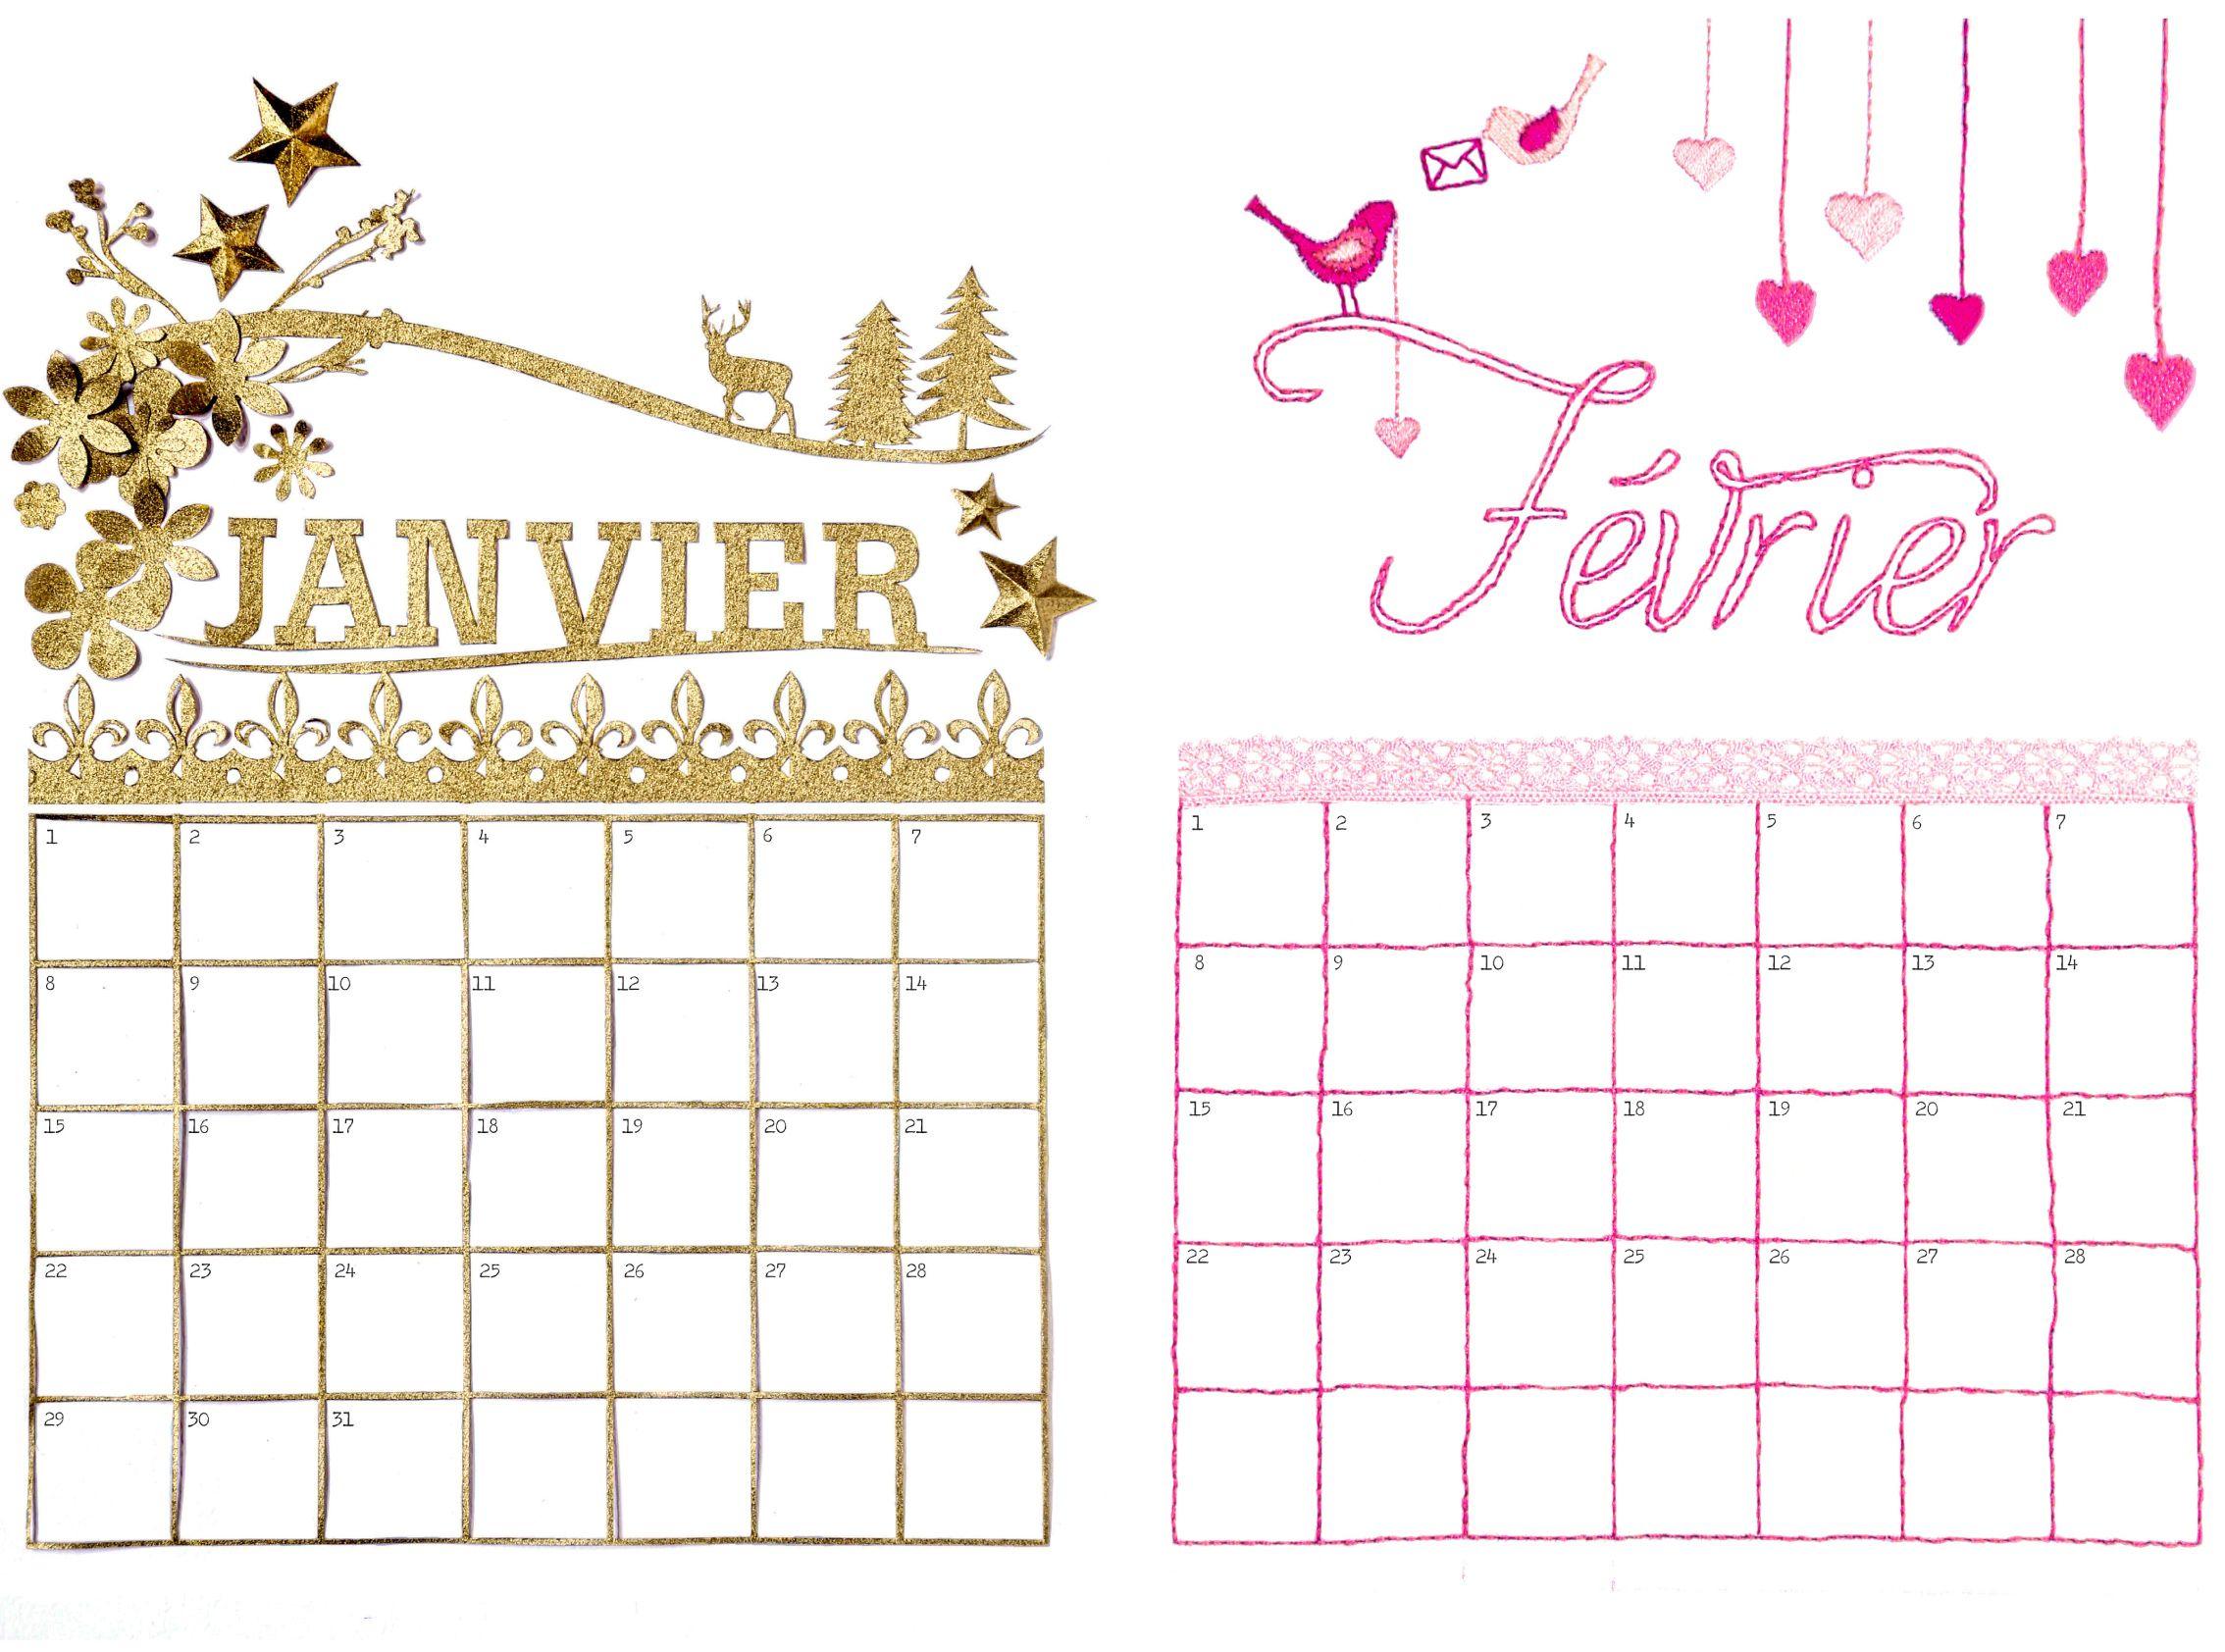 Cadeau : Les Calendriers Perpétuels De Prima | Calendrier pour Calendrier Des Anniversaires À Imprimer Gratuit